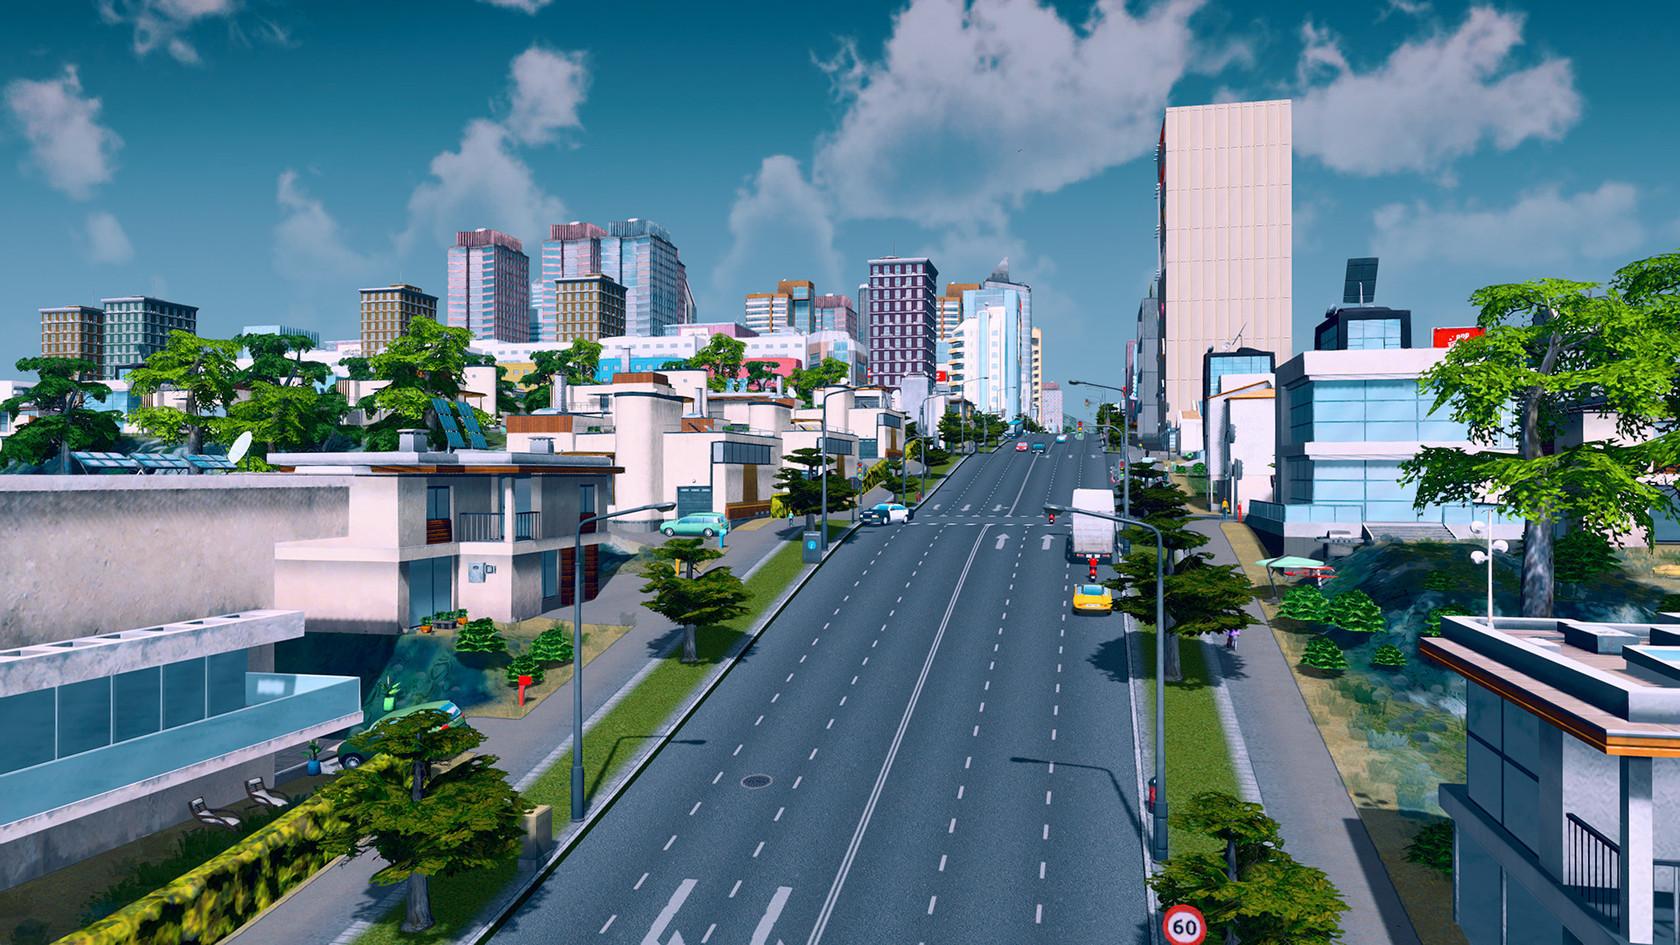 Hasil gambar untuk Cities Skylines Deluxe Edition 1.10 DLC Repack screenshot